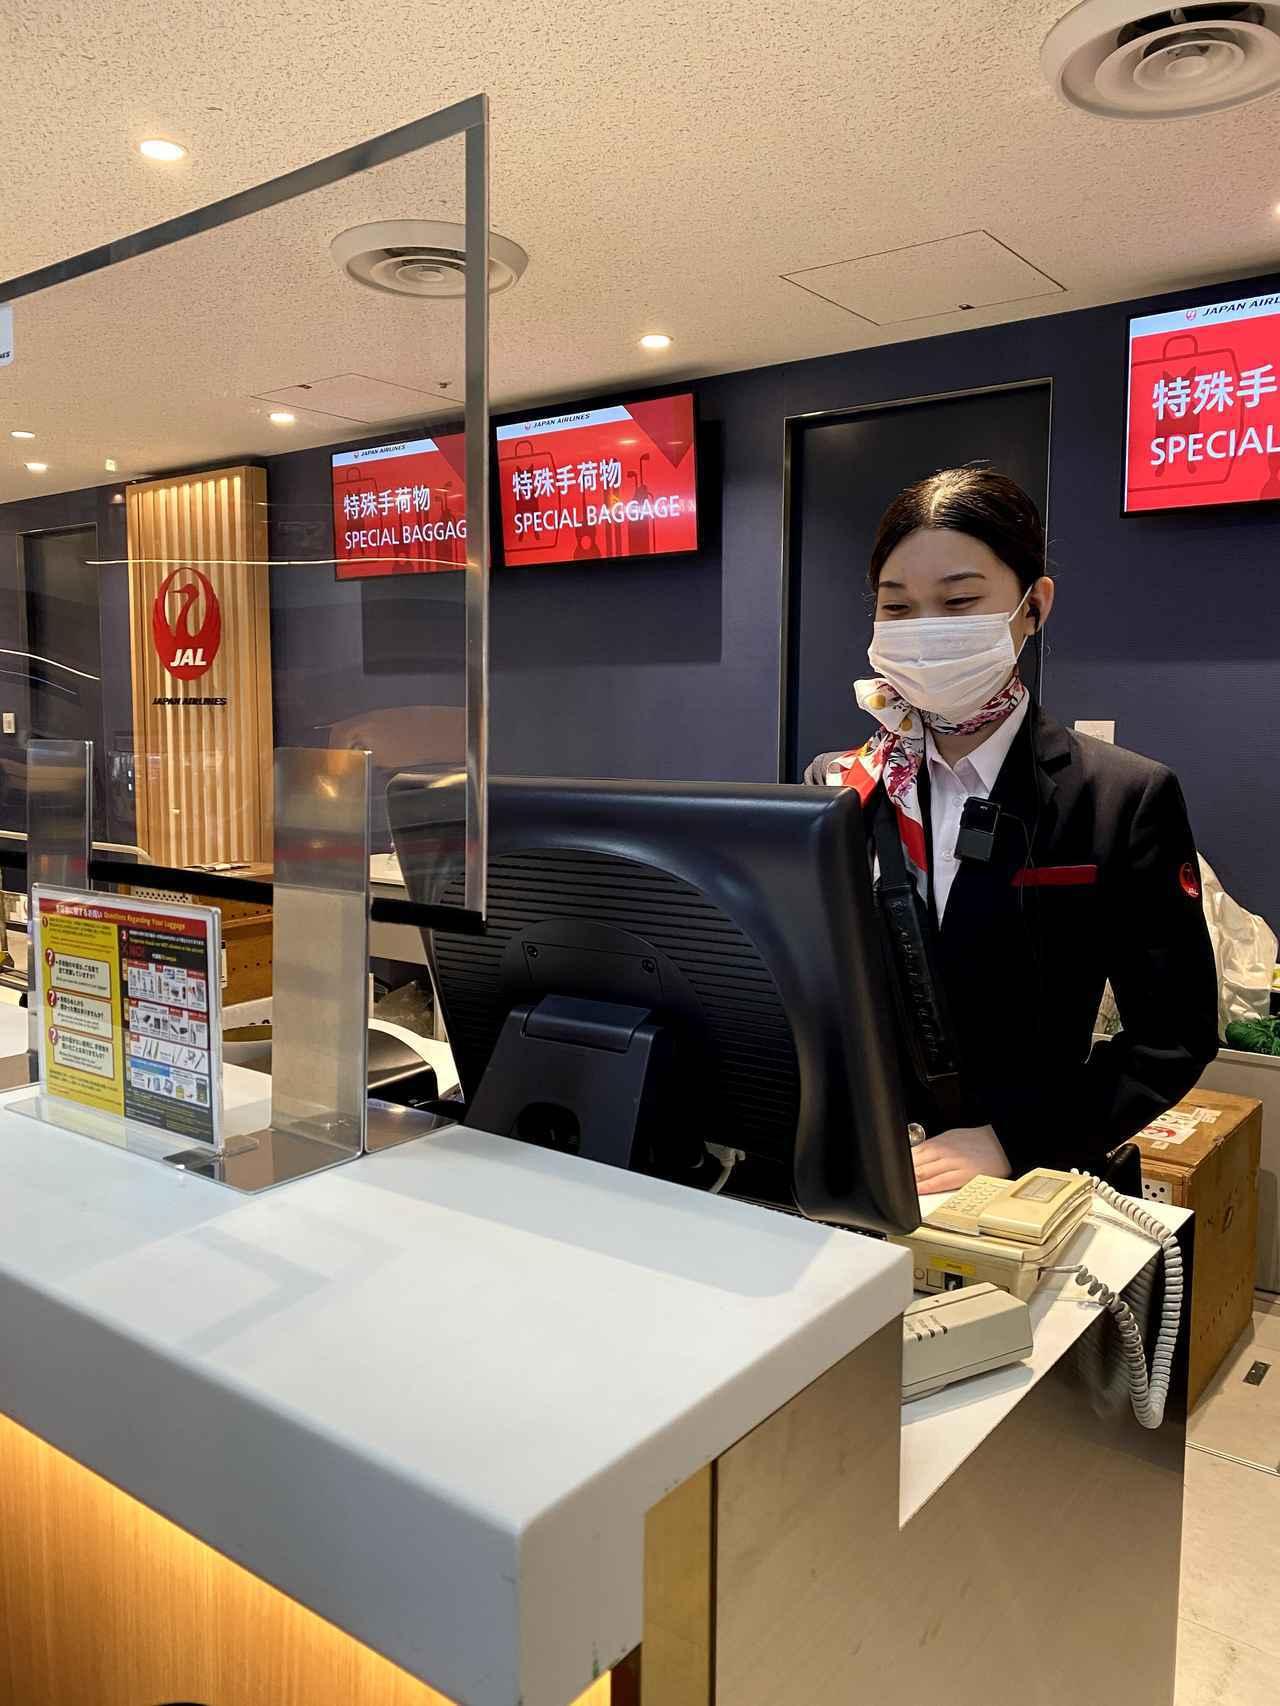 画像: ライフラインをつなぐために、空港内から機内まで感染対策を徹底しています